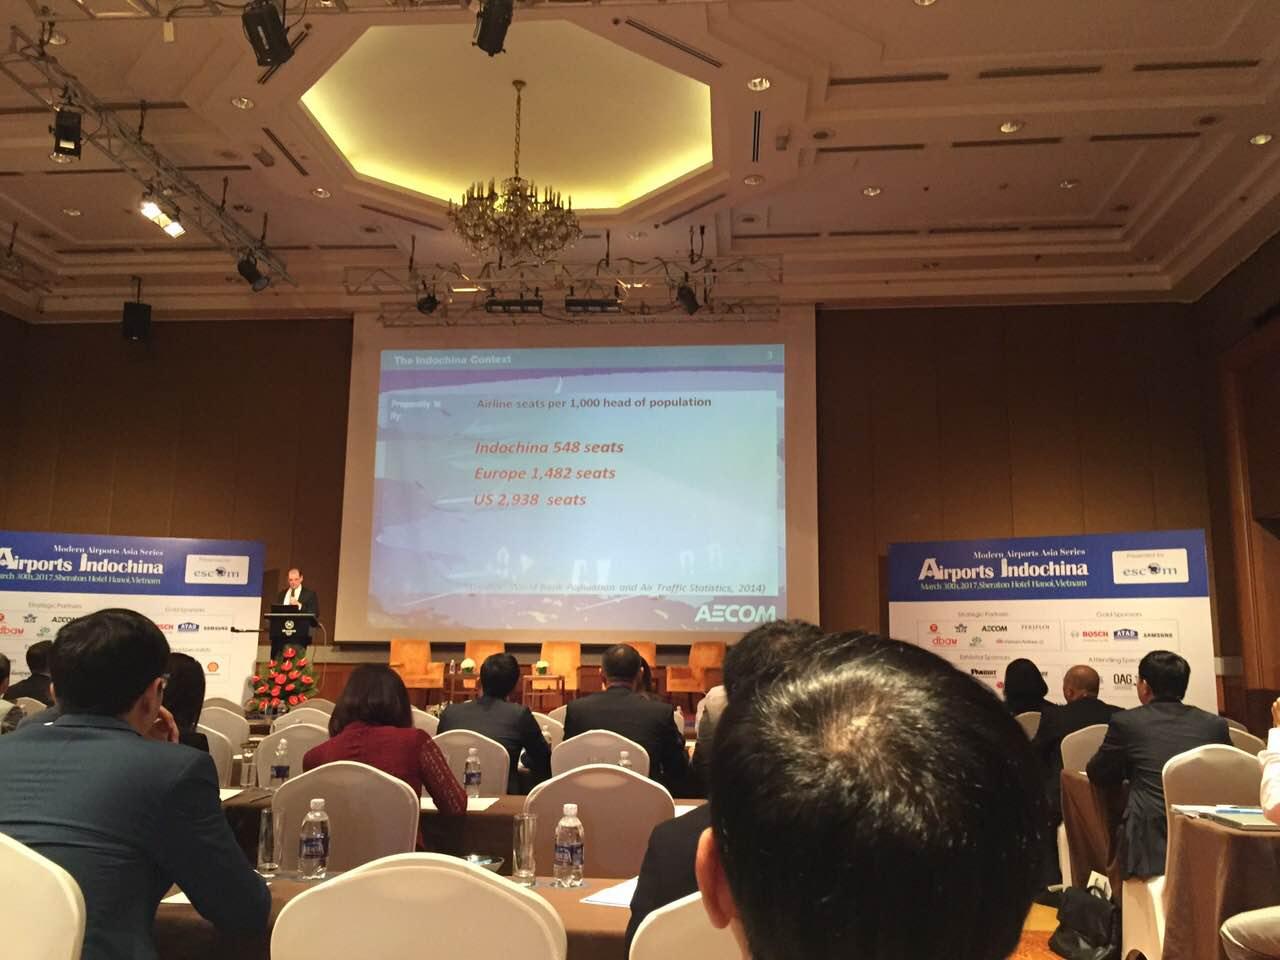 Tại hội nghị, các đại biểu đã cùng trao đổi và thảo luận về hợp tác hàng không quốc tế, an ninh hàng không dân dụng cũng như các giải pháp xây dựng sân bay ở khu vực.